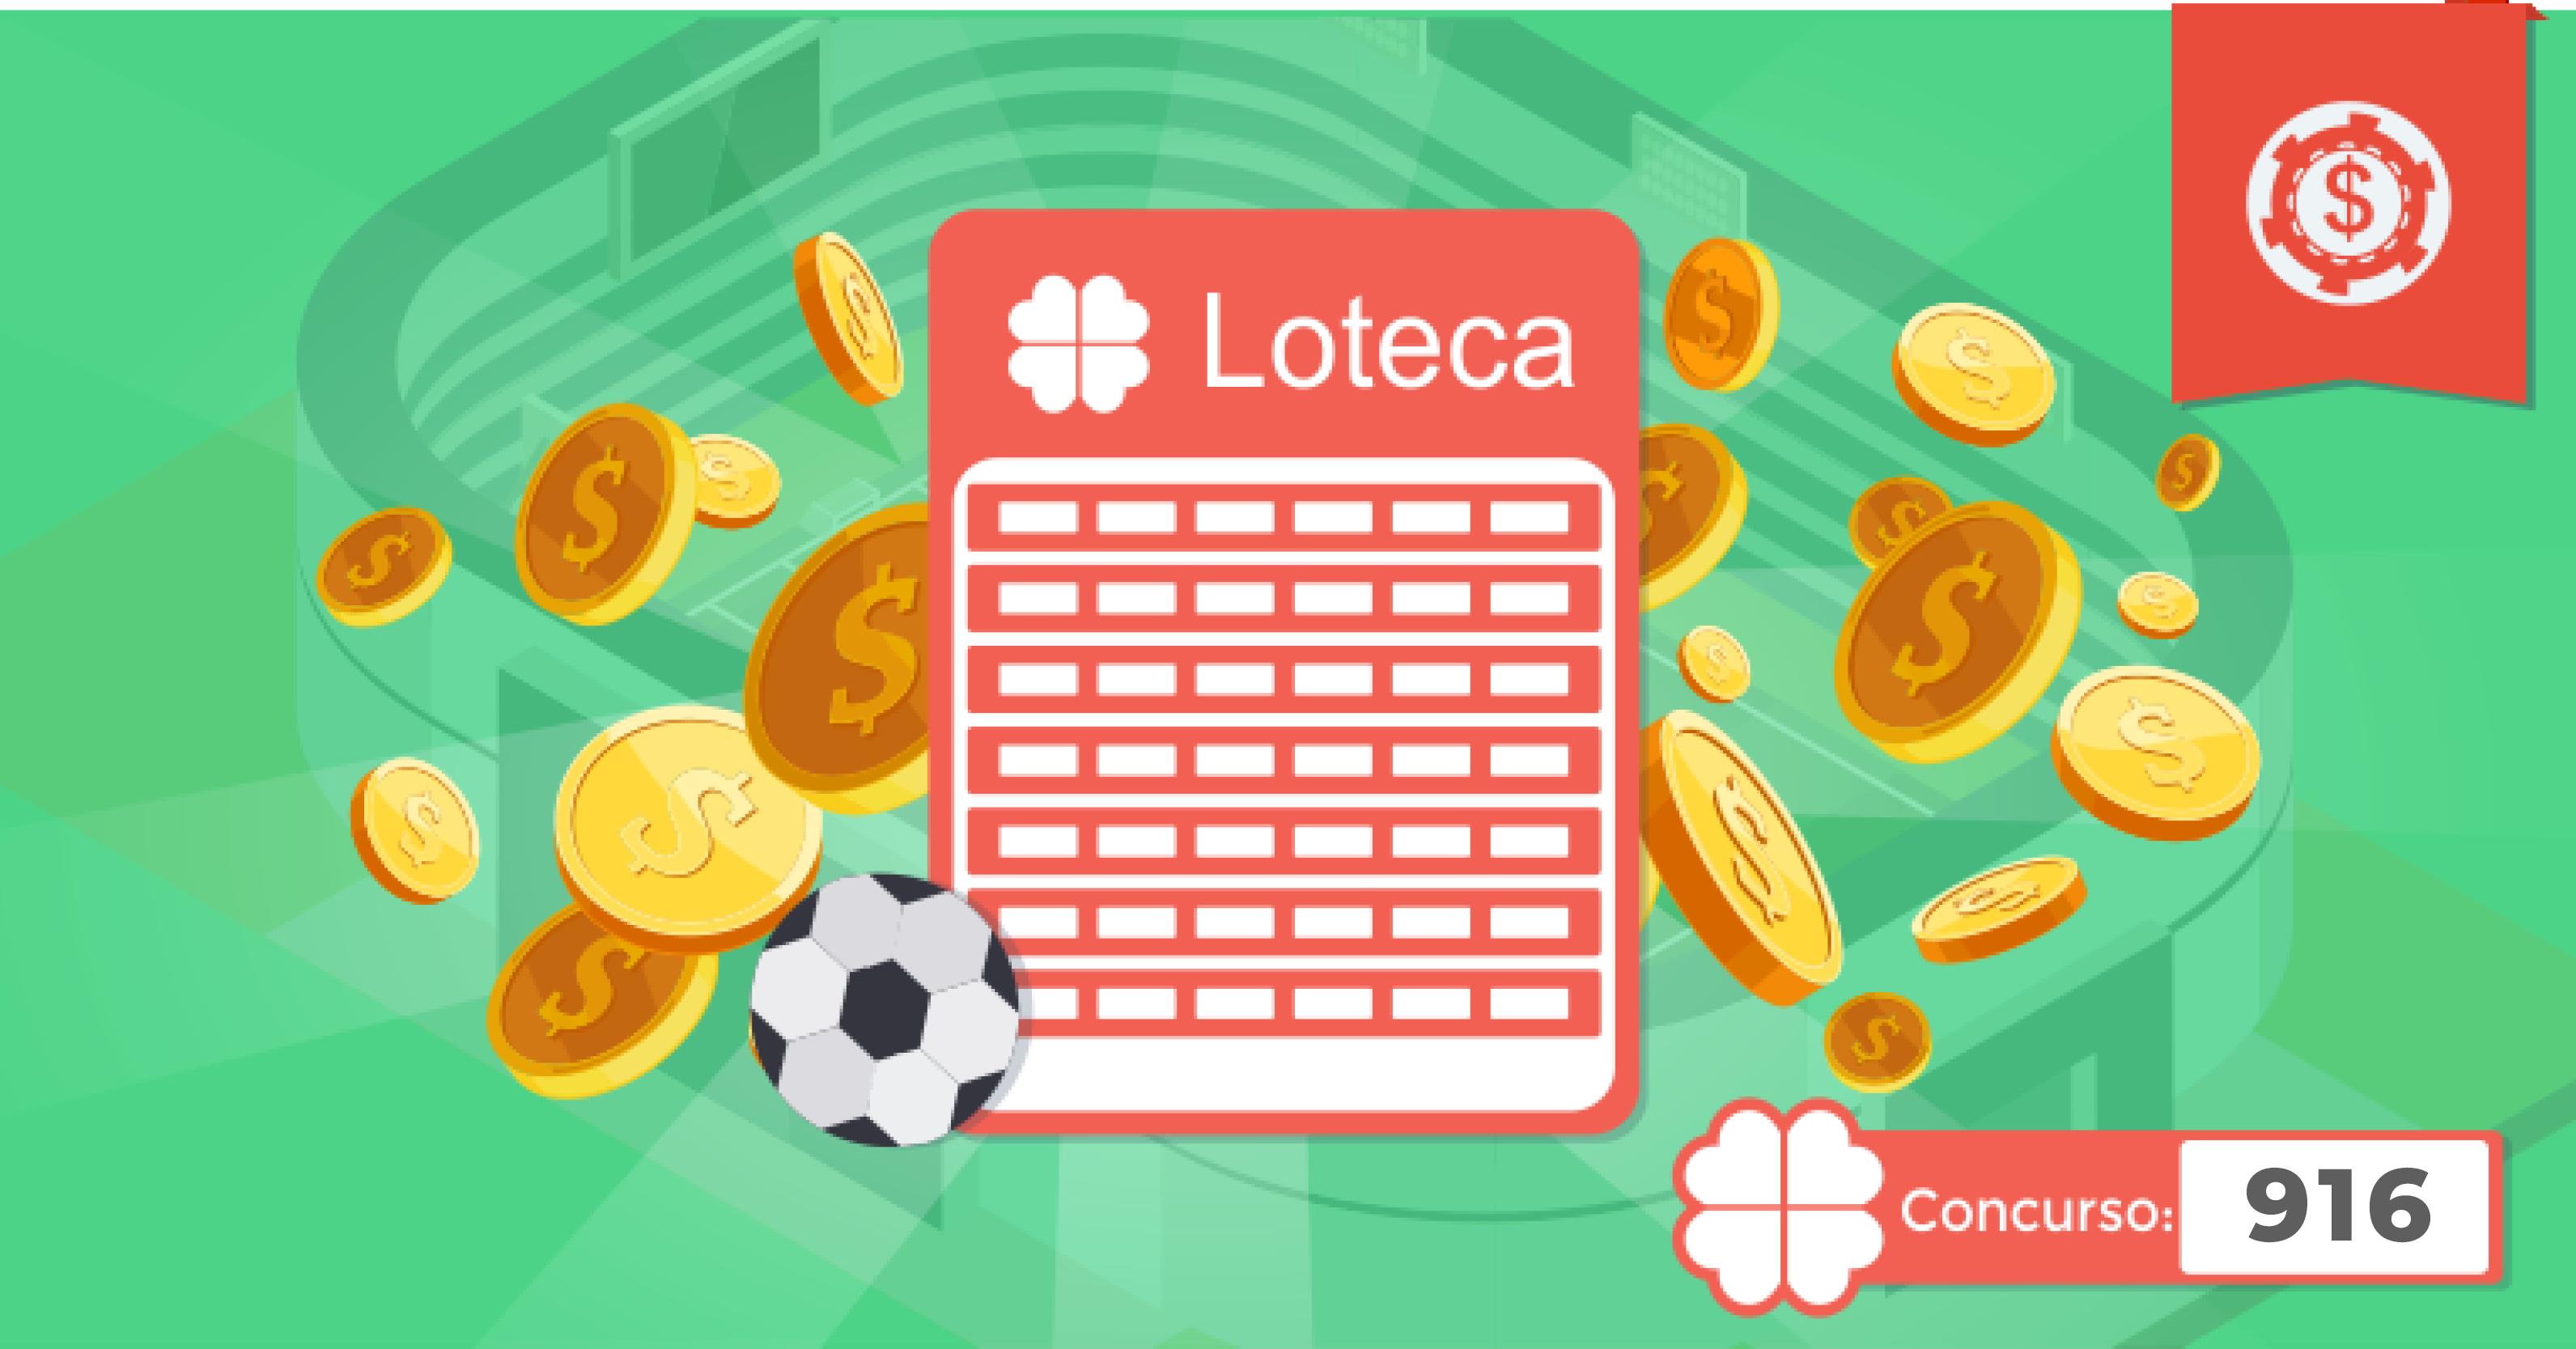 palpites-loteca-916-palpites-loteca-semana